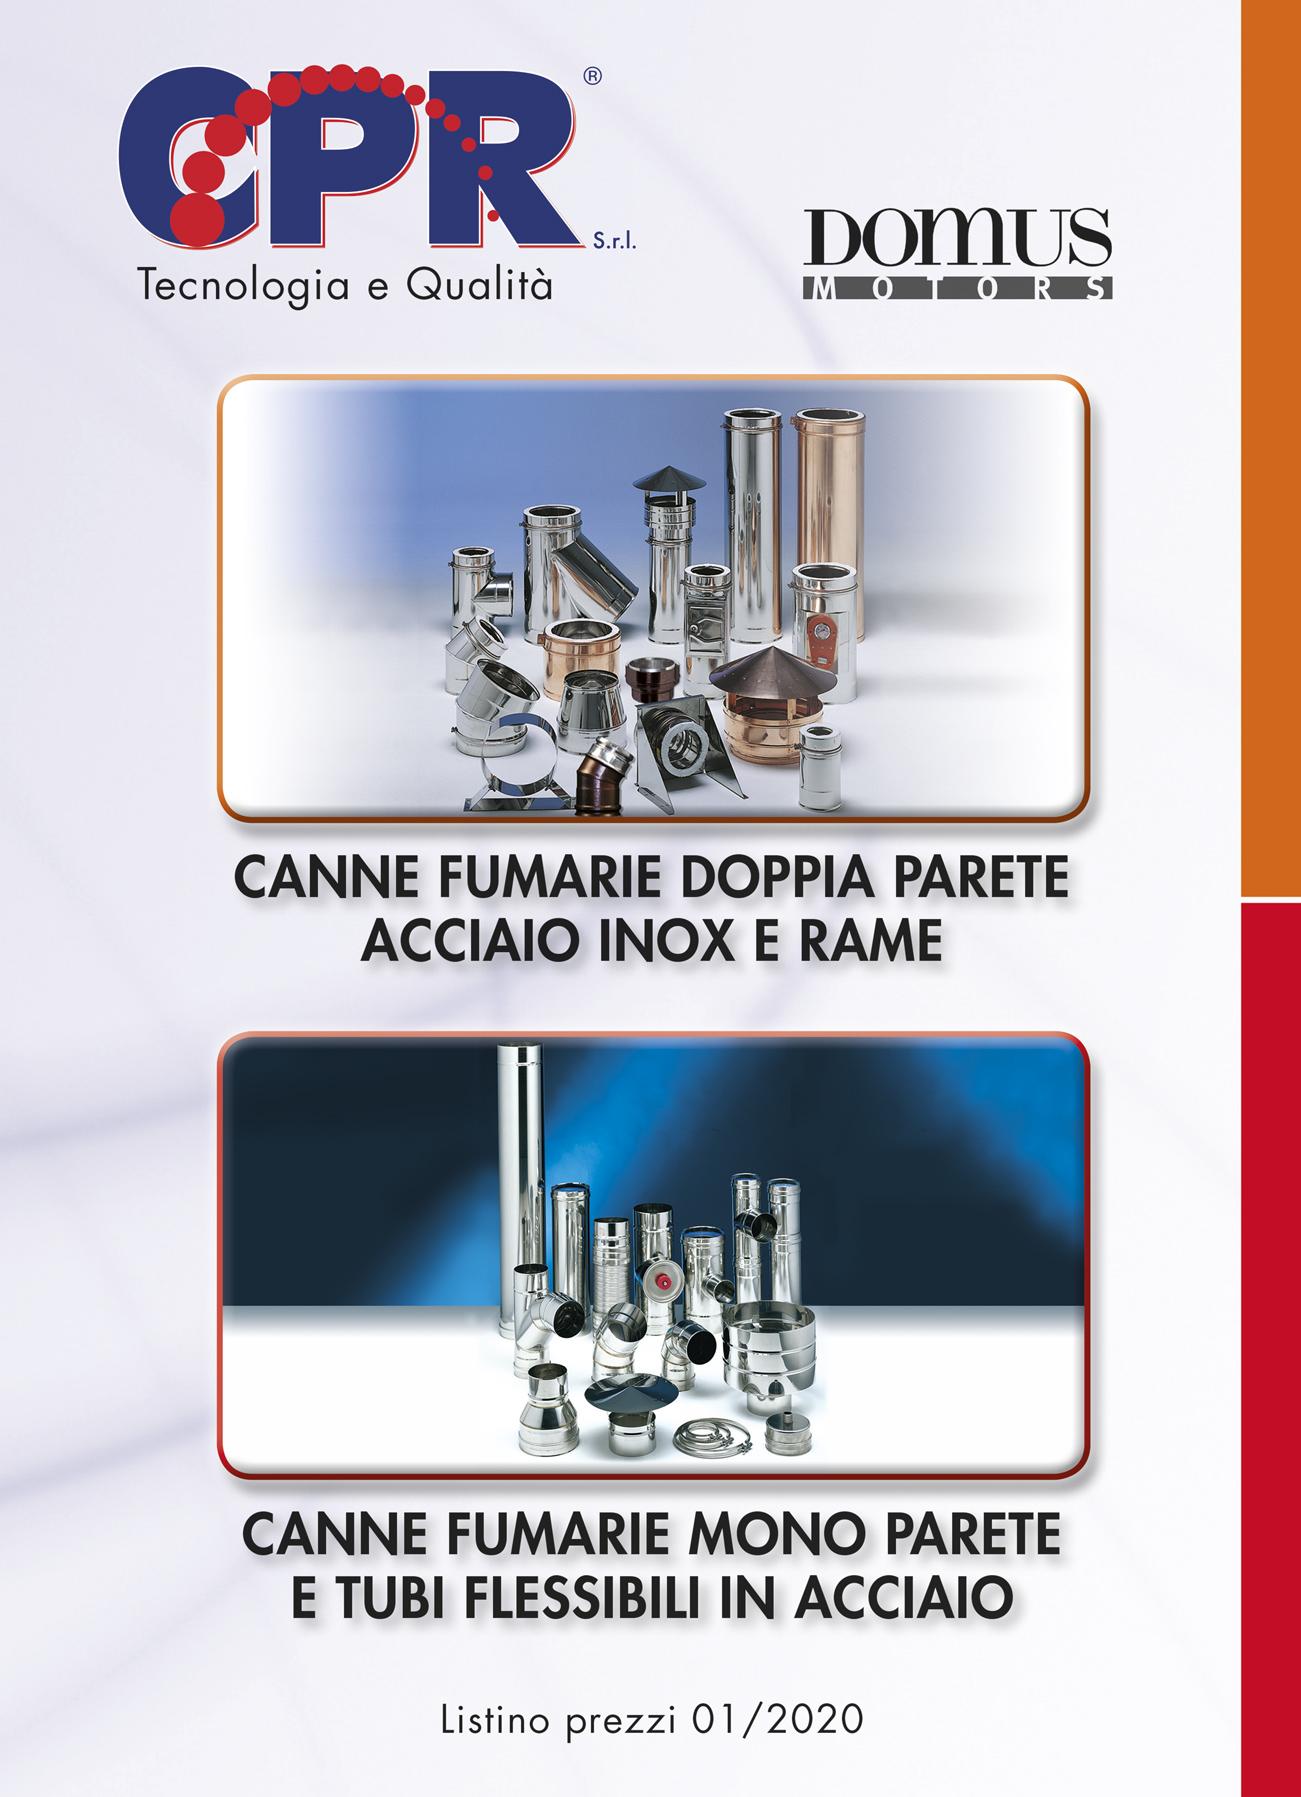 Canne fumarie doppia parete acciaio inox e rame mono parete e tubi flessibili in acciaio 01/2020